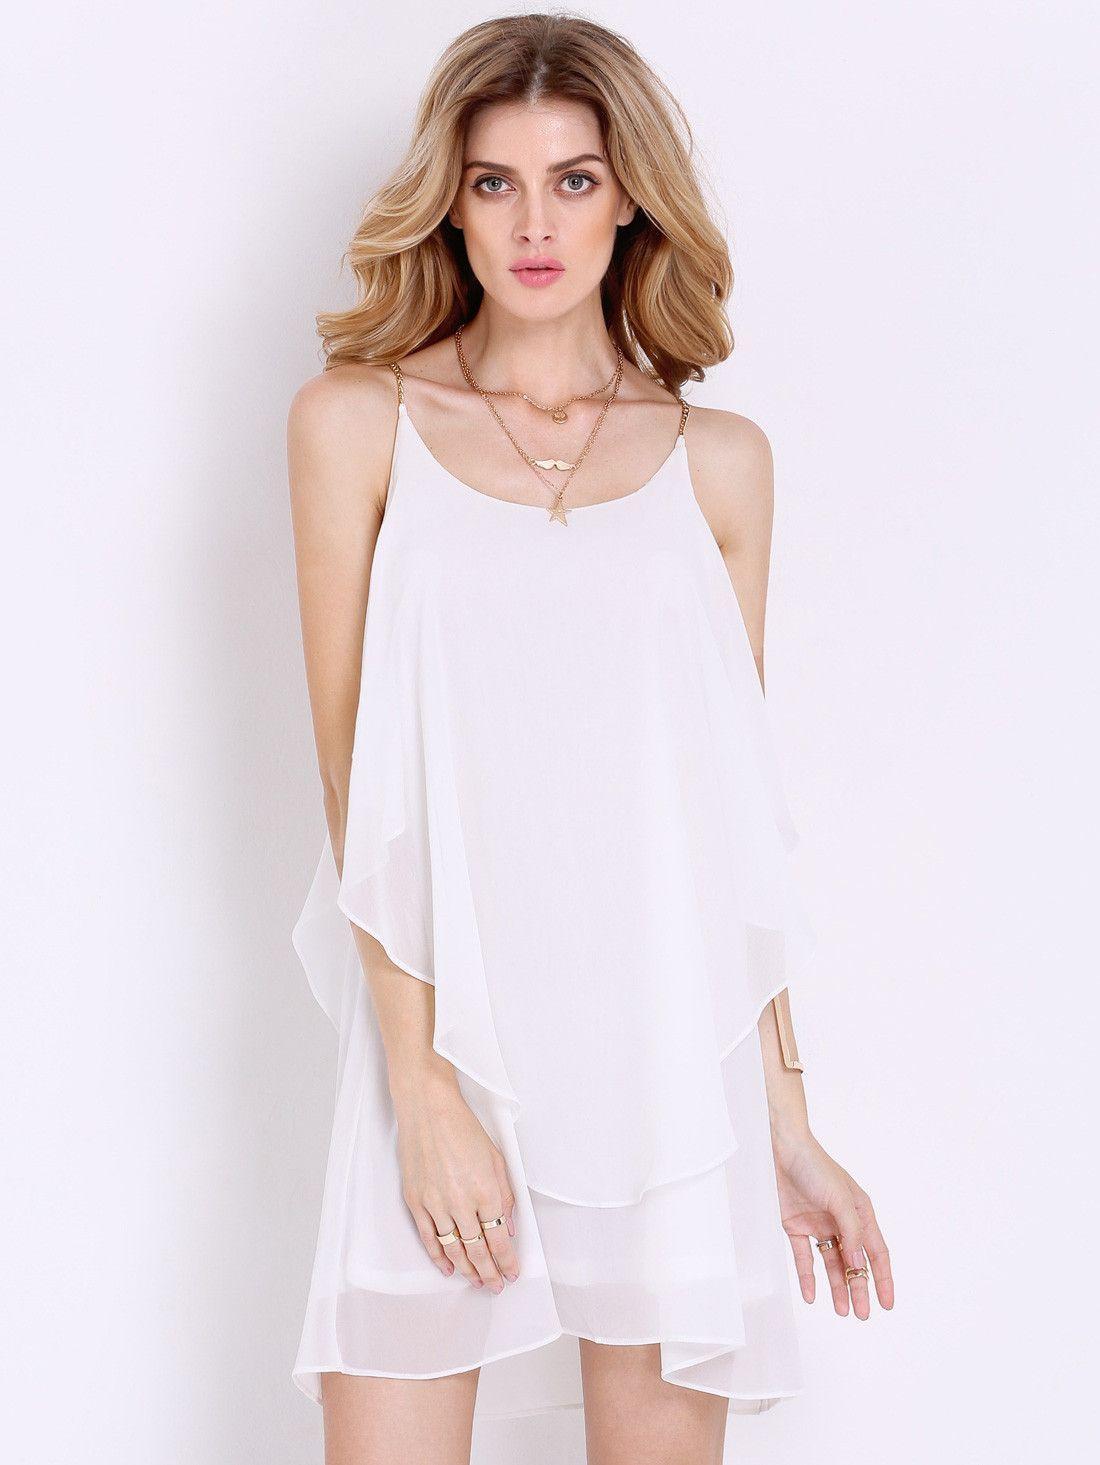 Spaghetti Strap Summer Dresses  White Short Spaghetti Strap Summer Dress – fashion dresses